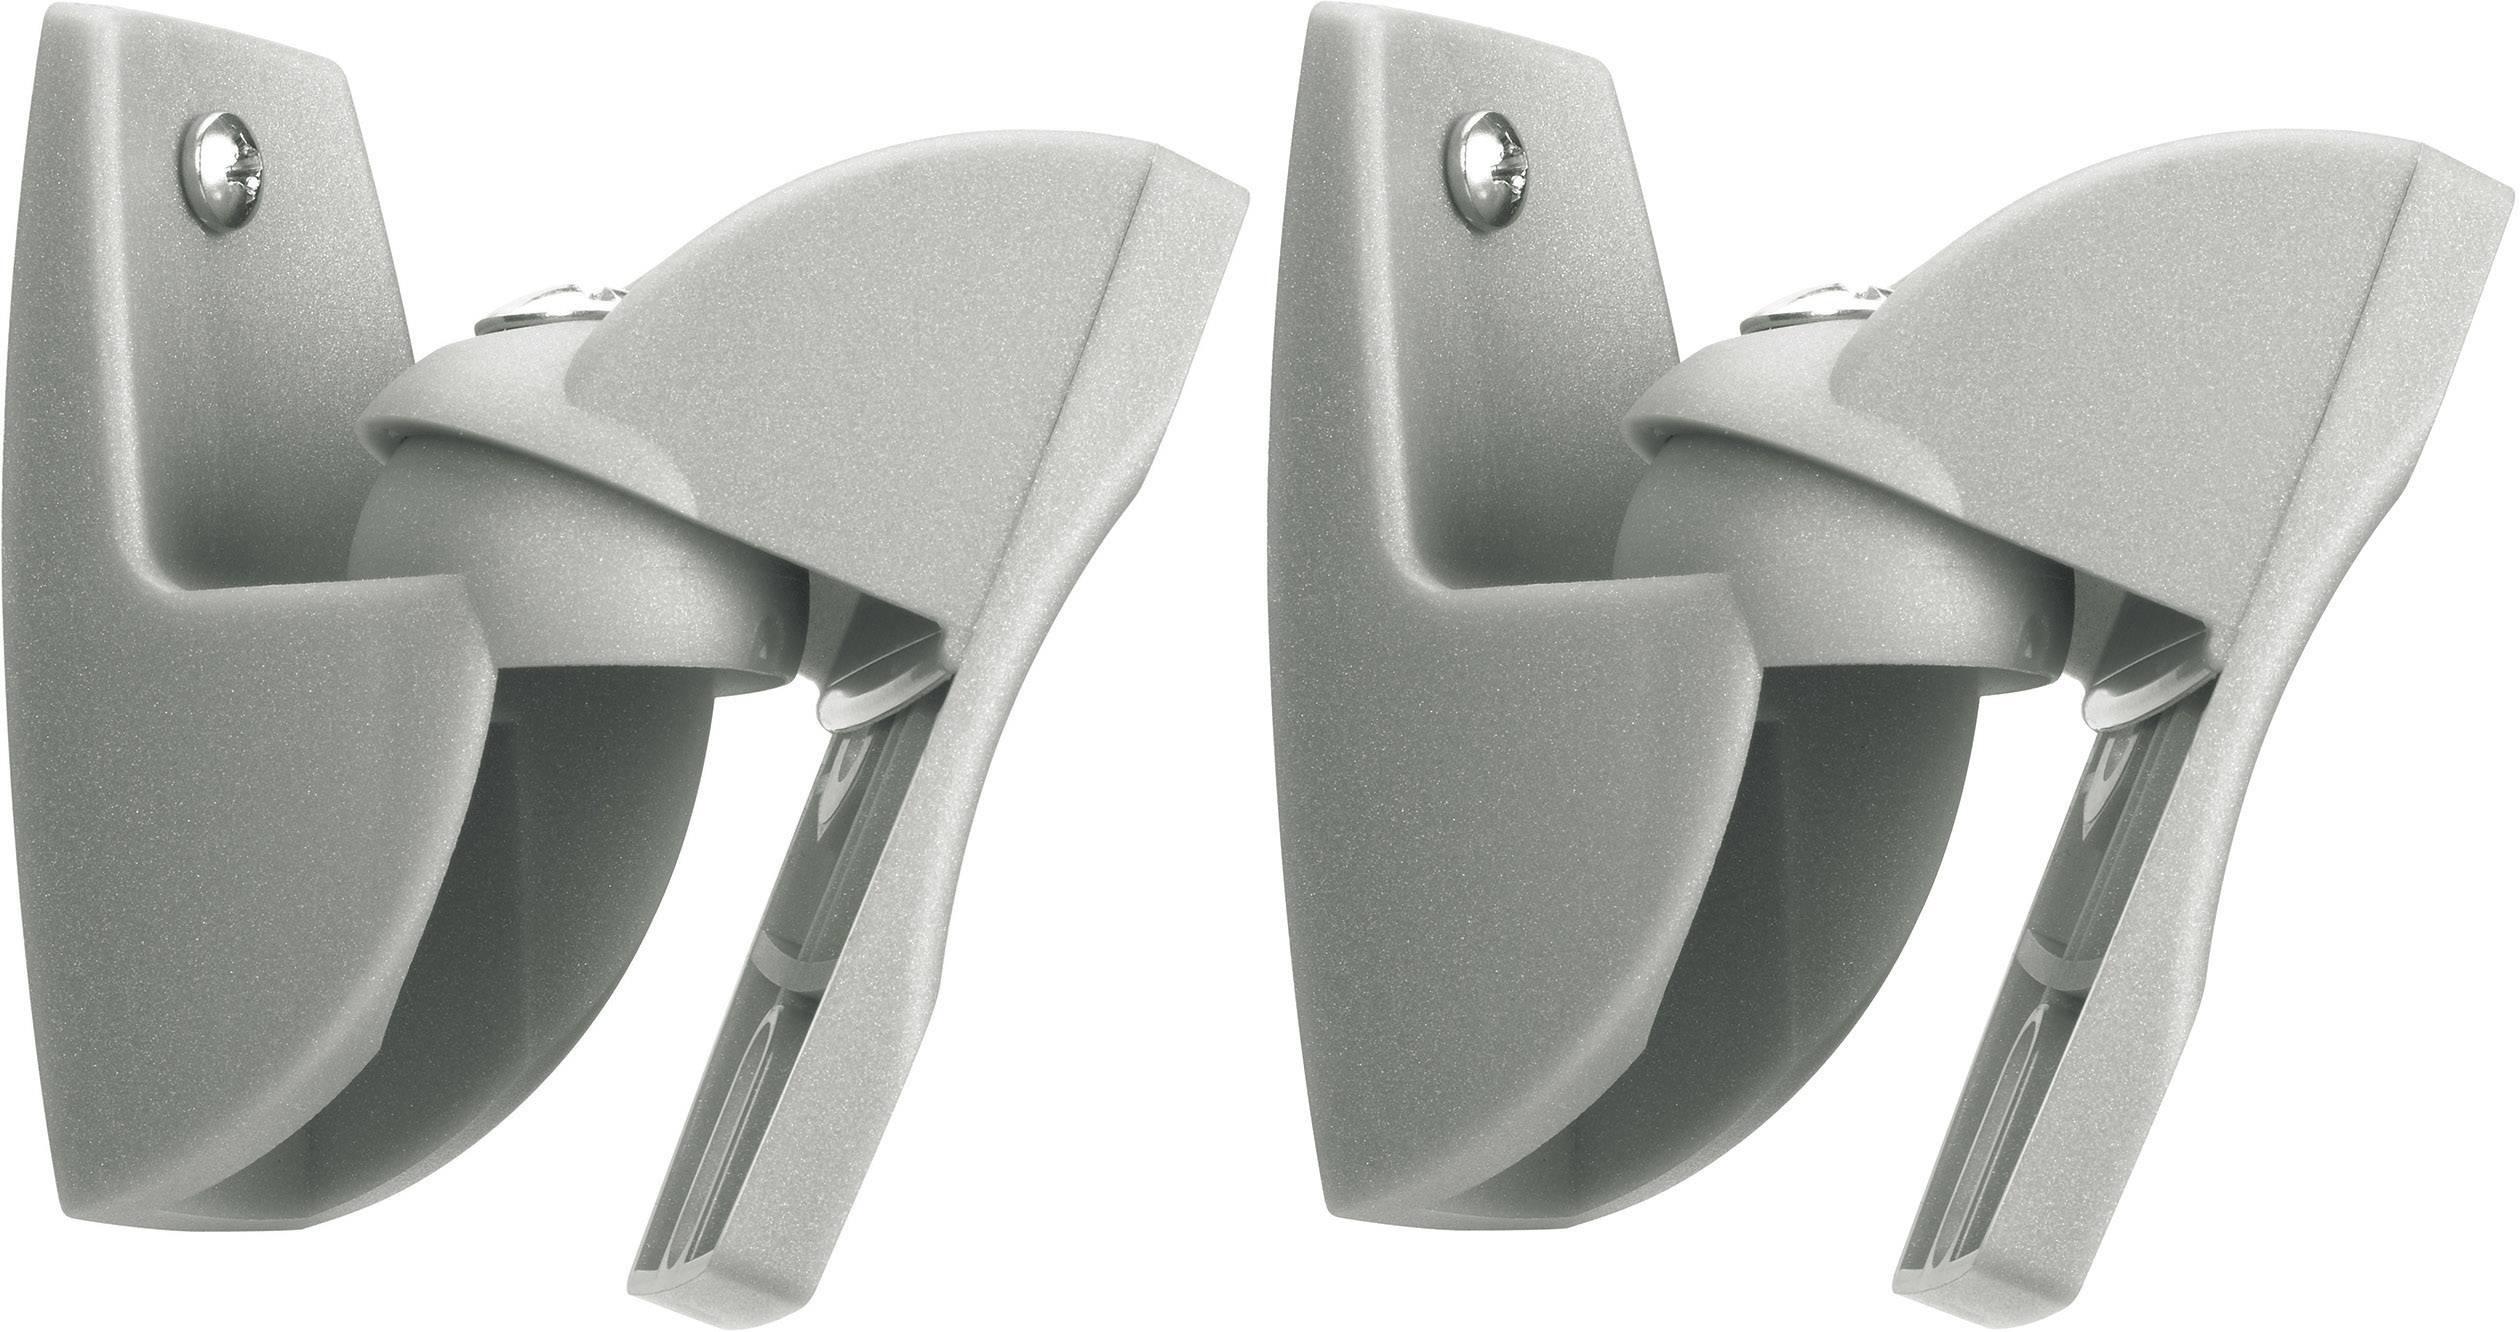 Držiak na stenu pre reproduktory Vogel´s VLB 500;VLB 500, strieborná, 1 pár